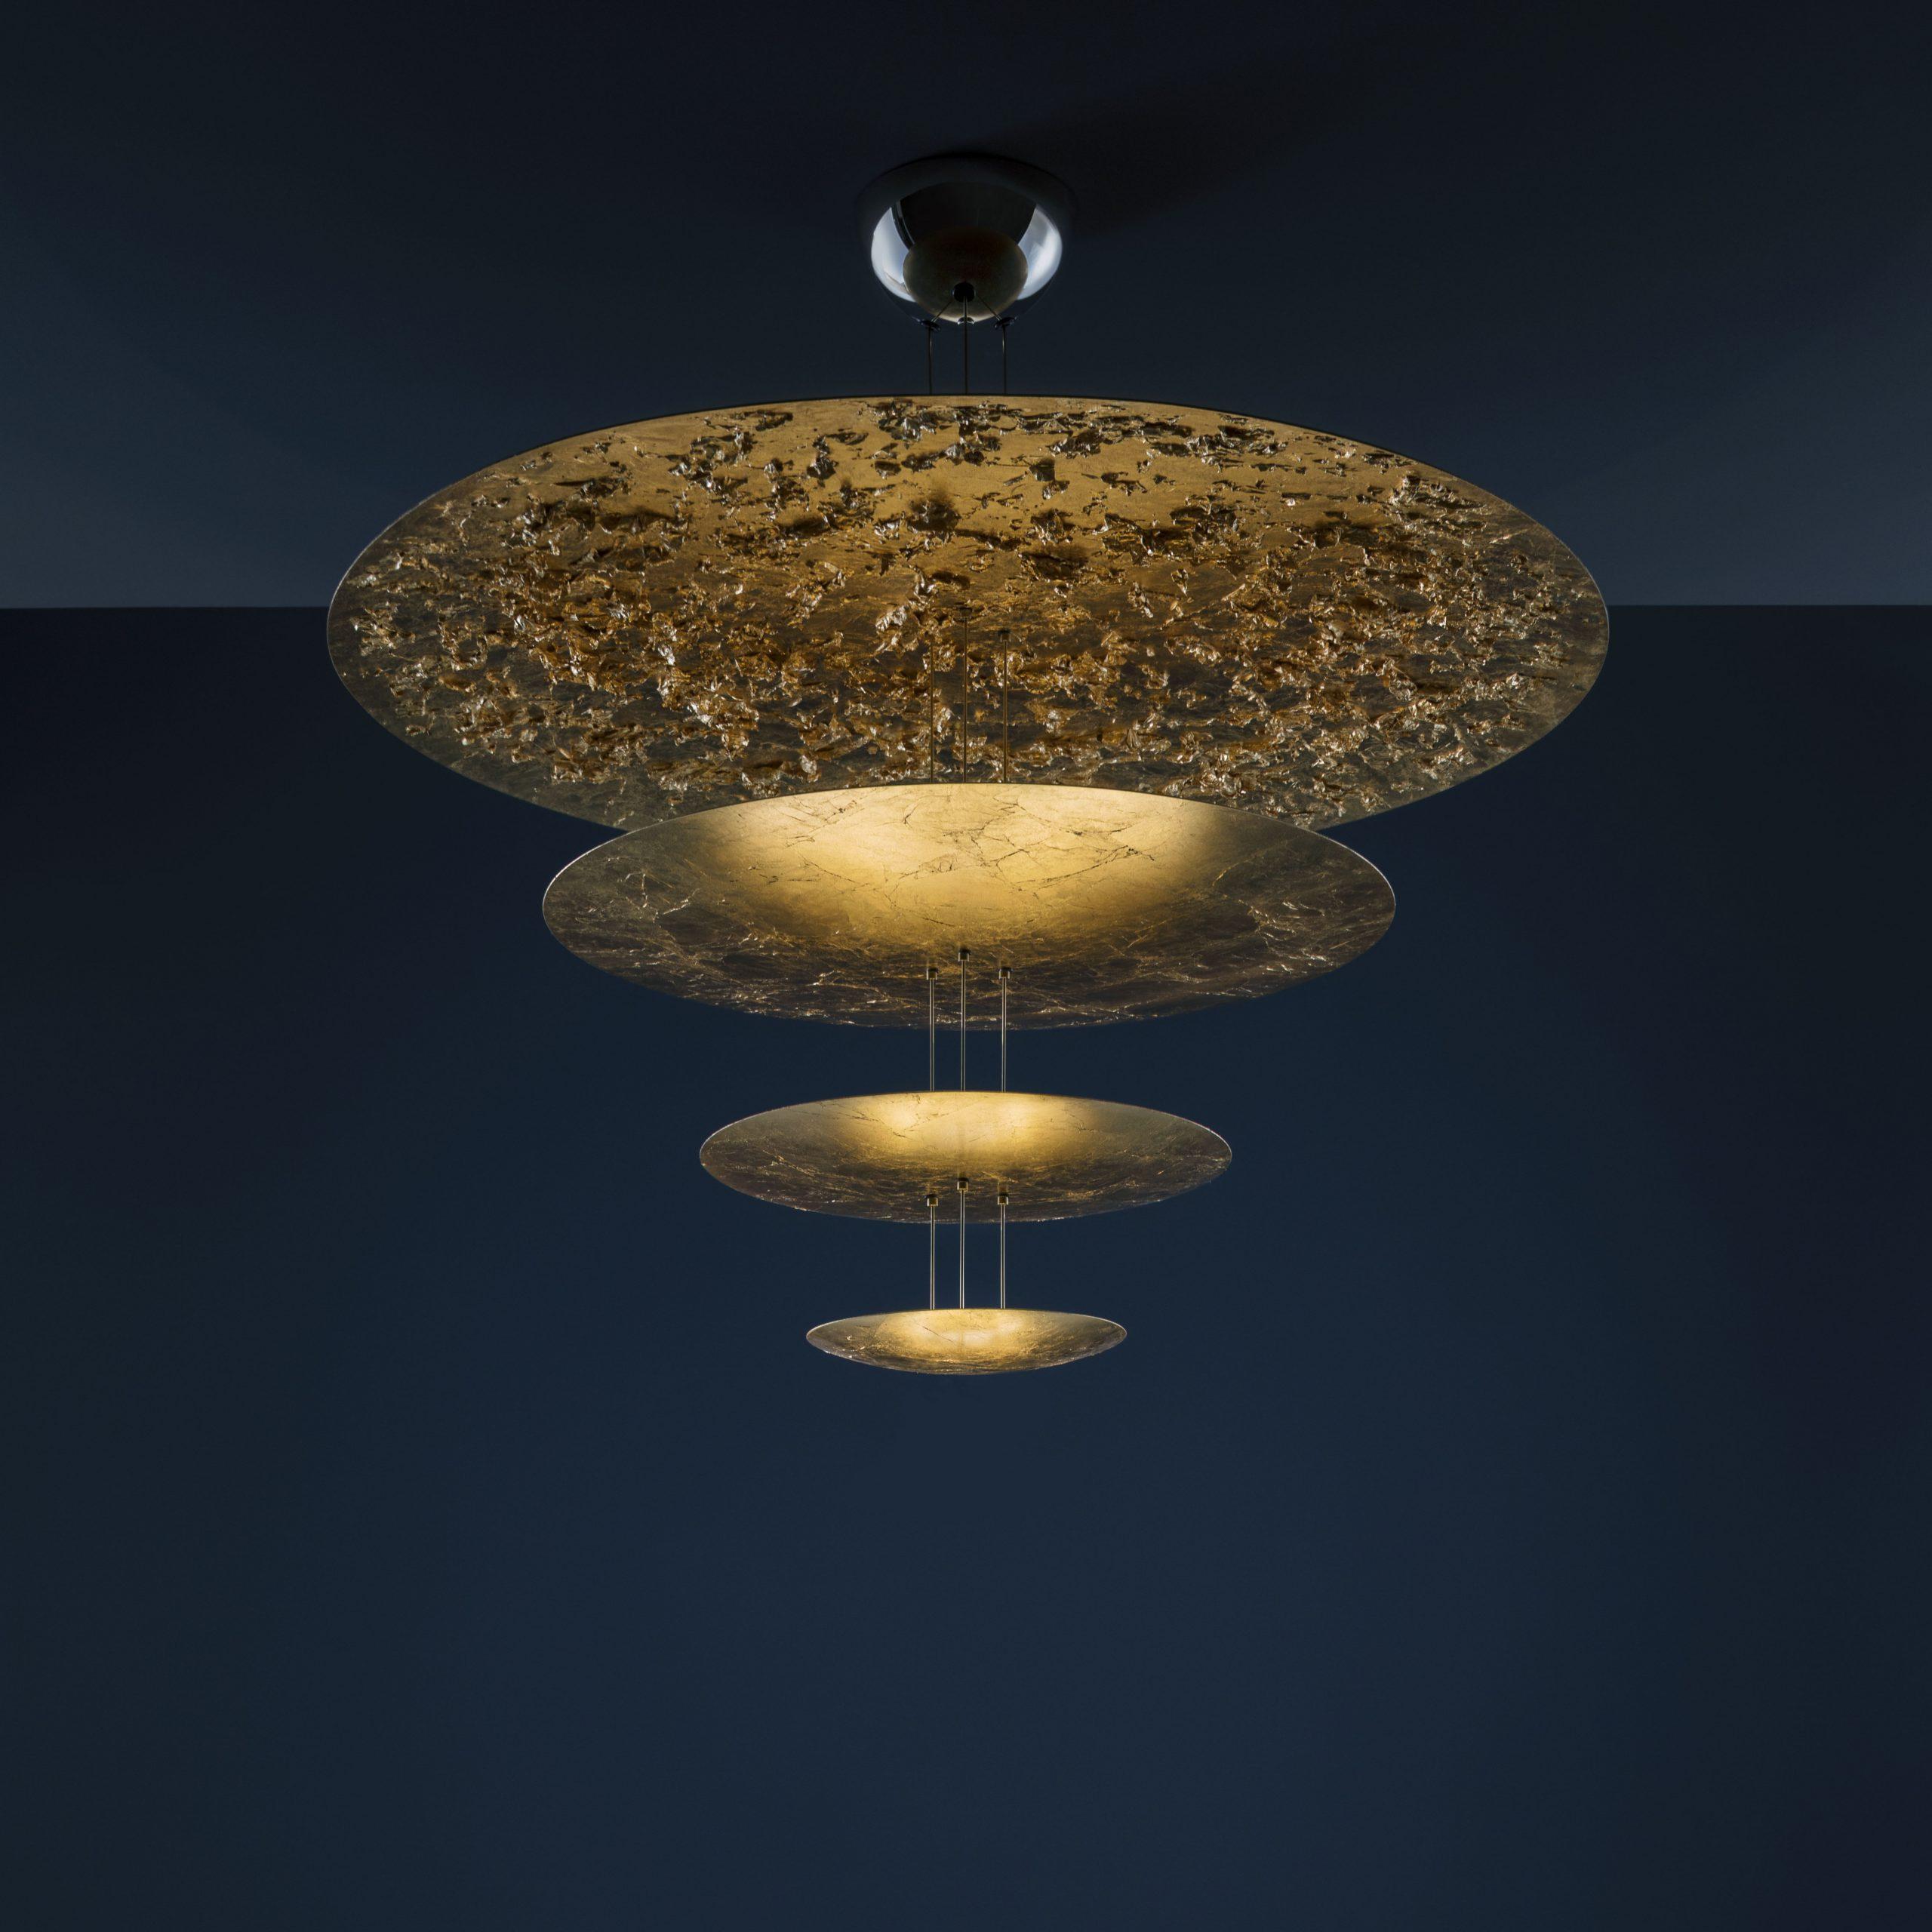 Μηχάνημα μενταγιόν Light F - - LED - Ø 120 x H 145 cm - 4 Gold δίσκοι Catellani & Smith Enzo Catellani